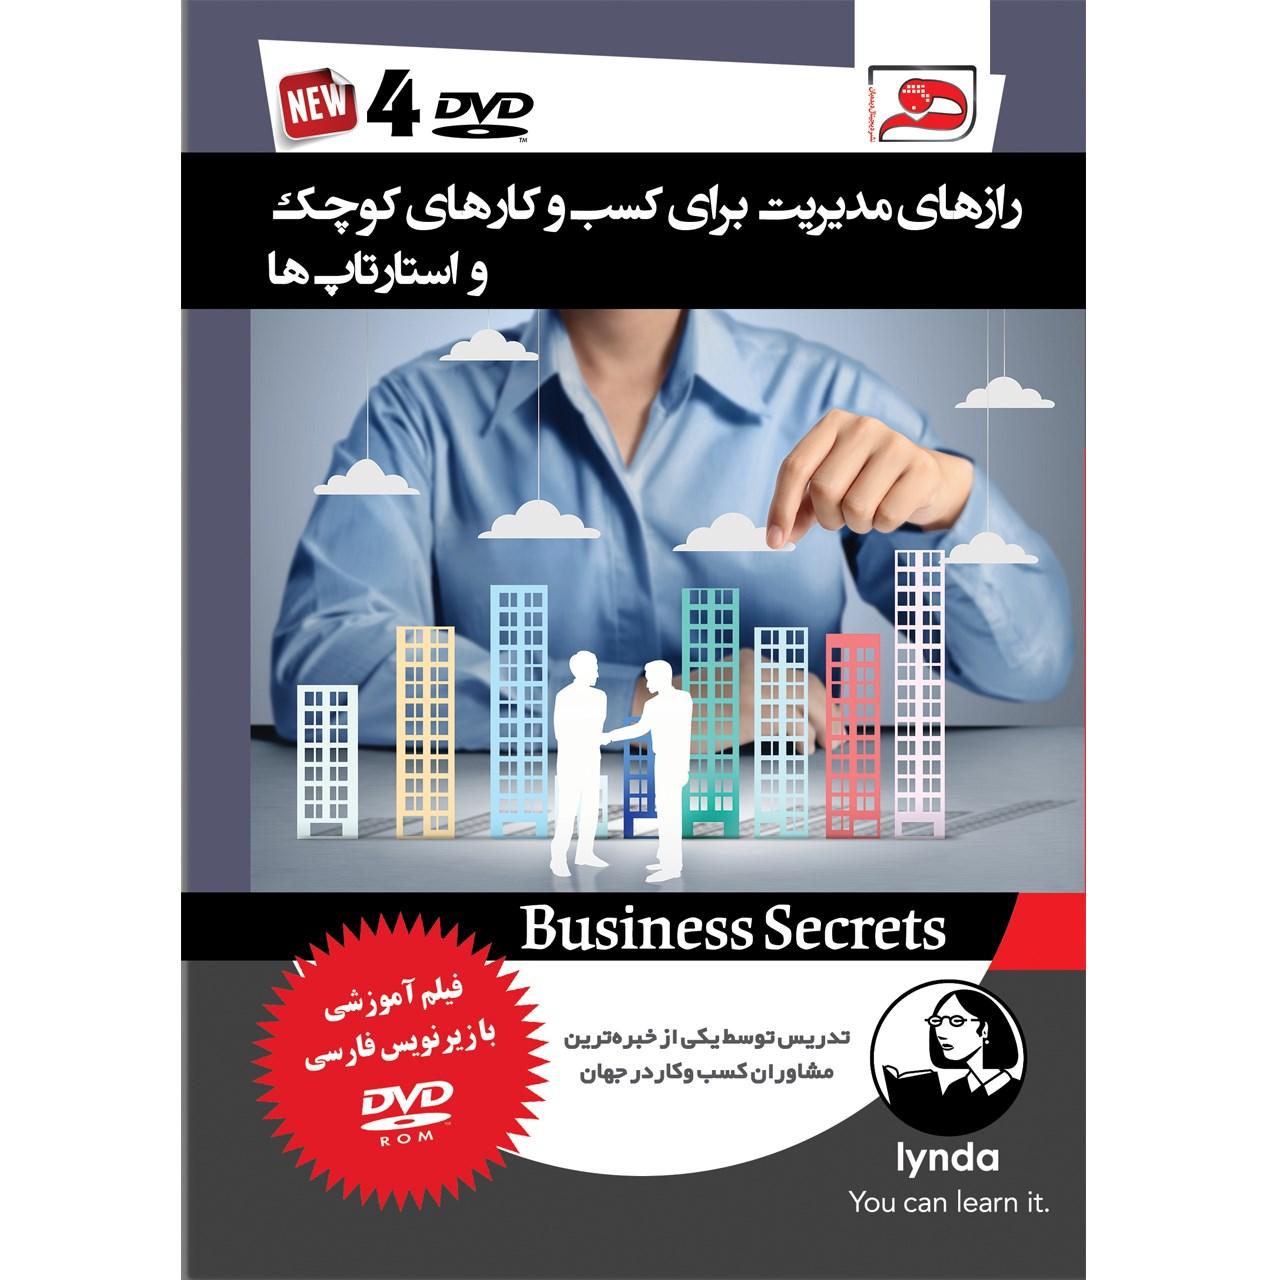 فیلم آموزشی رازهای مدیریت برای کسب و کارهای کوچک